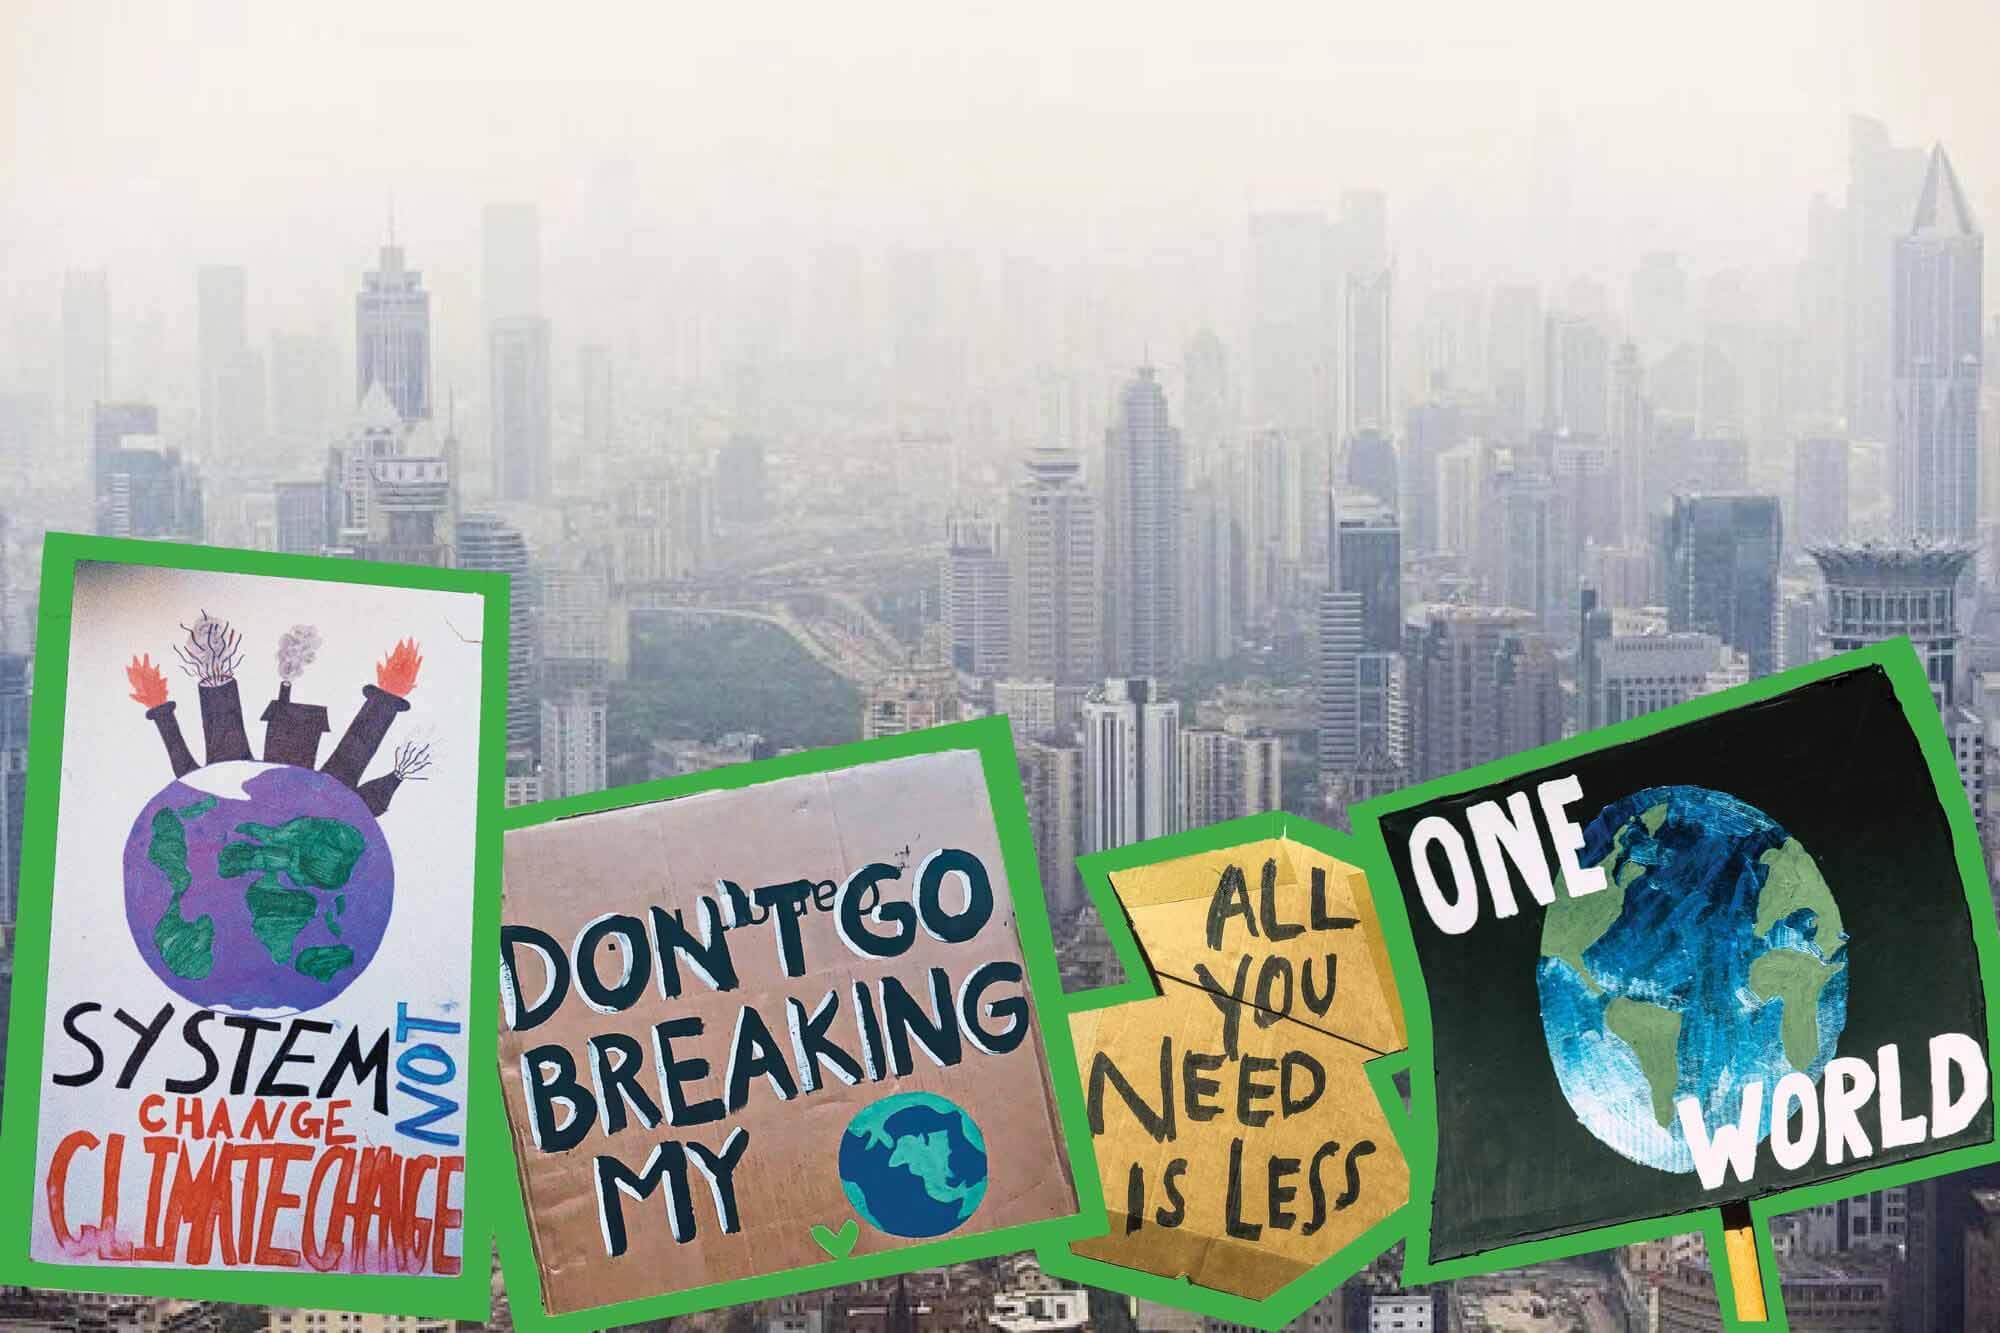 Цена изменения климата: кого на самом деле защищают усилия по смягчению последствий изменения климата в городах?